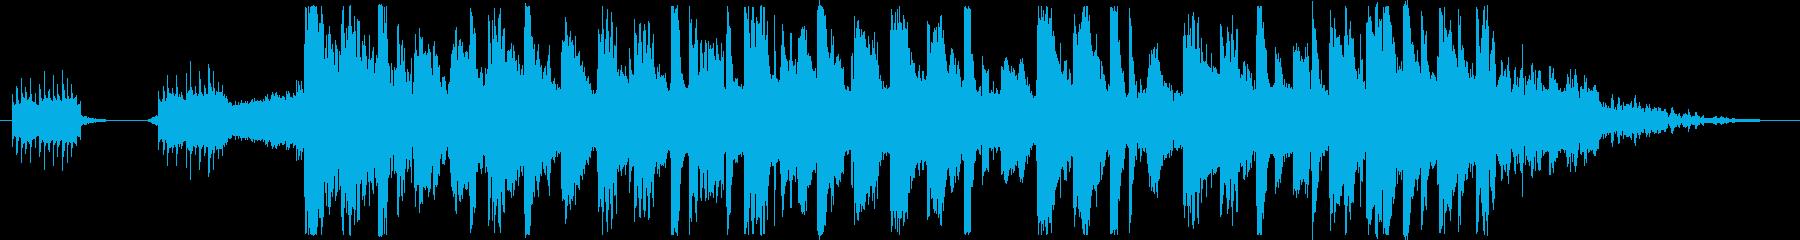 ジングル - スマホ着信音!?の再生済みの波形